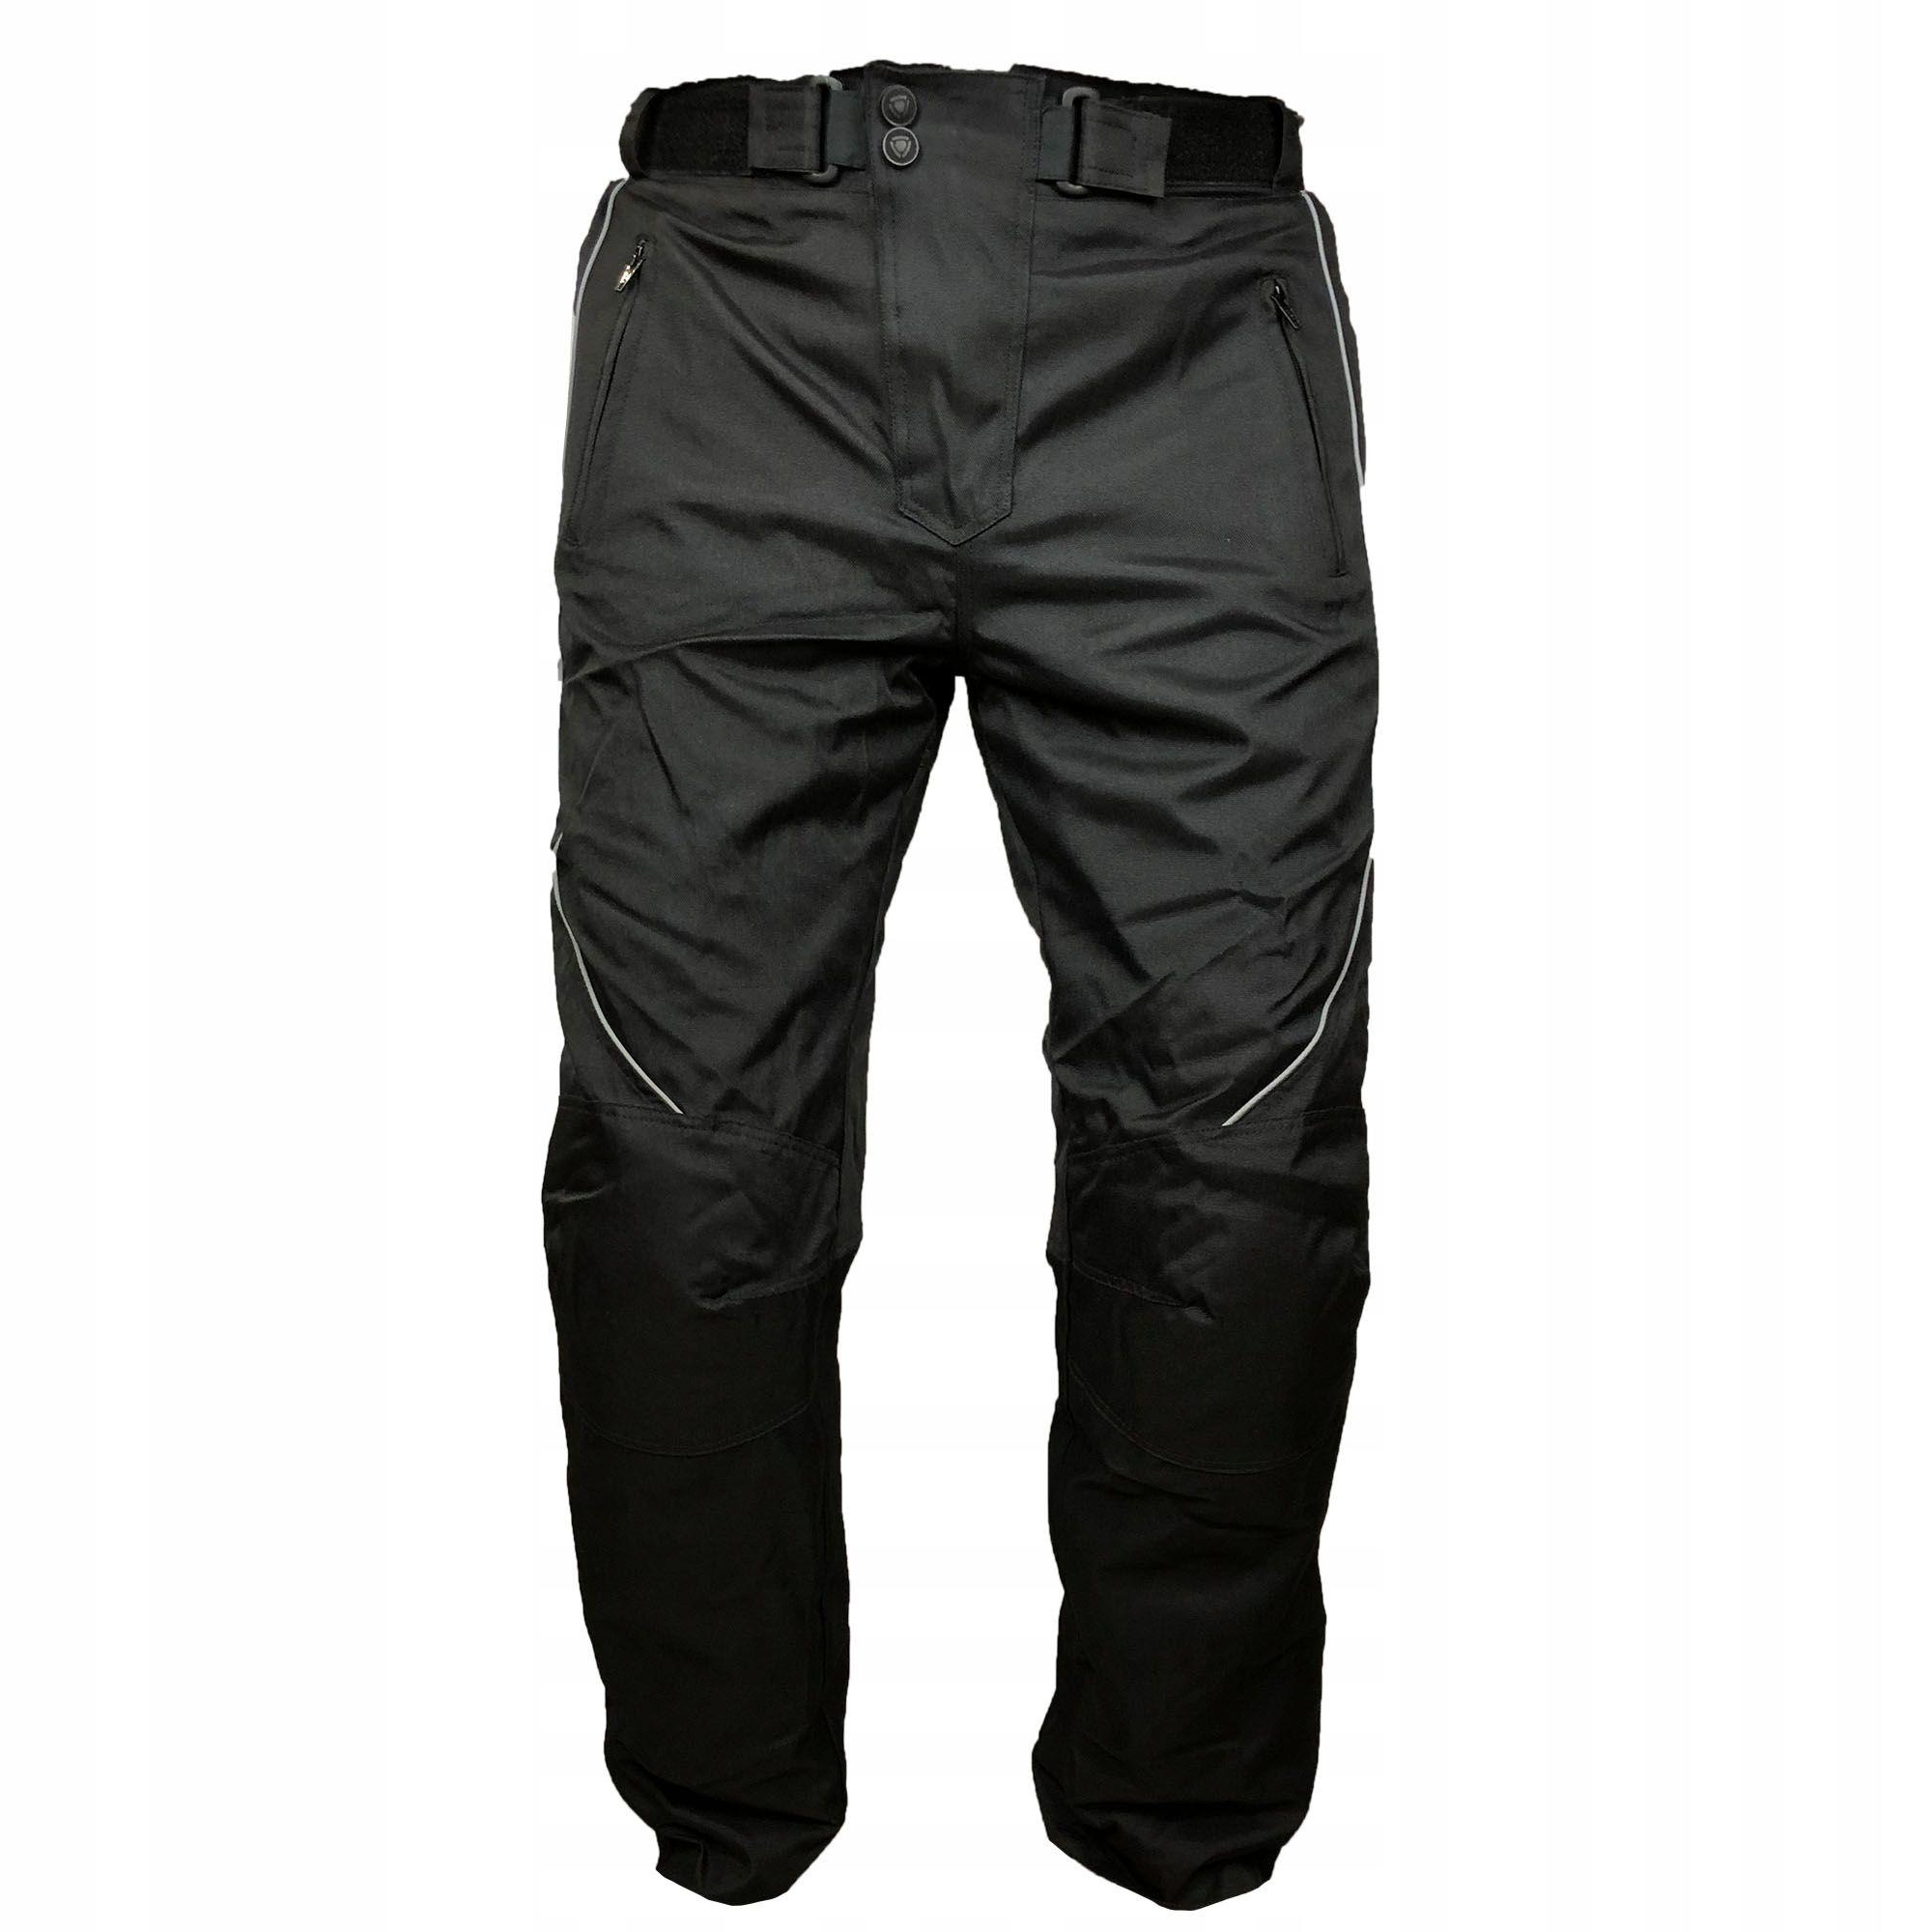 Spodnie motocyklowe Ispido CARBON 4XL